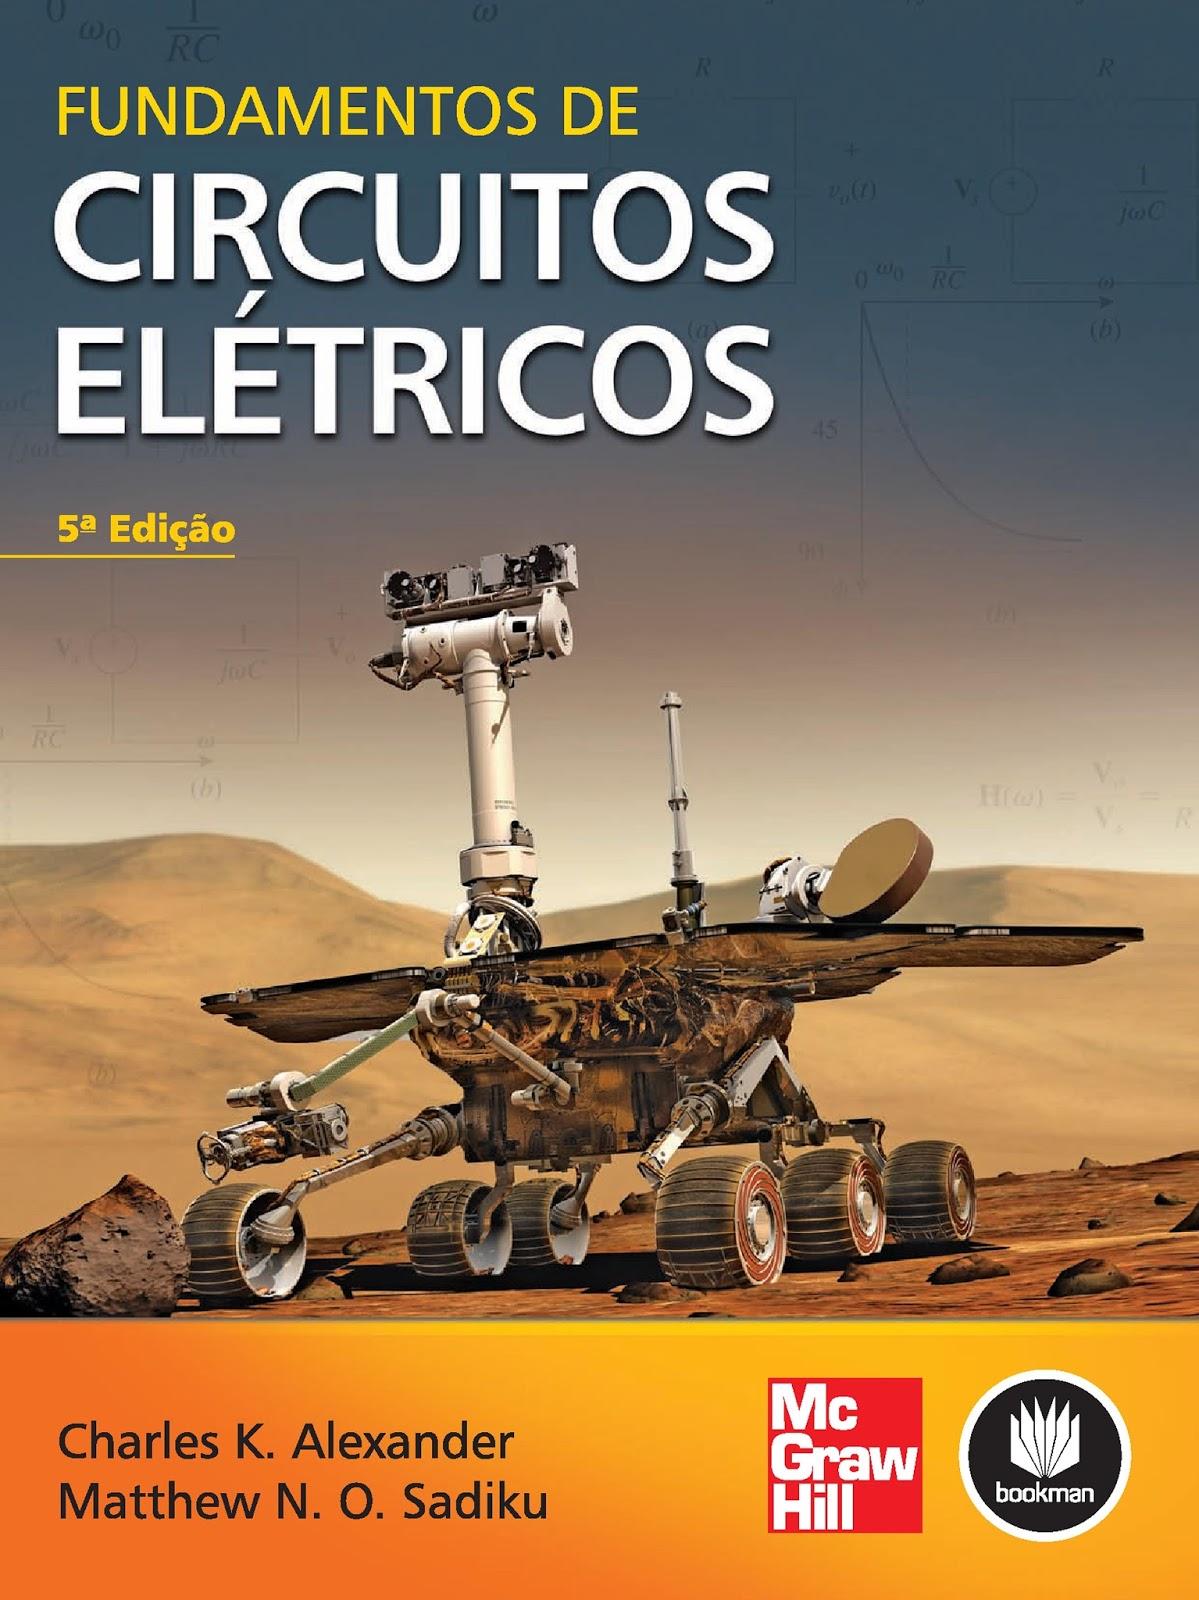 Fundamentos de circuitos elétricos, 5a Edição – Charles K. Alexander